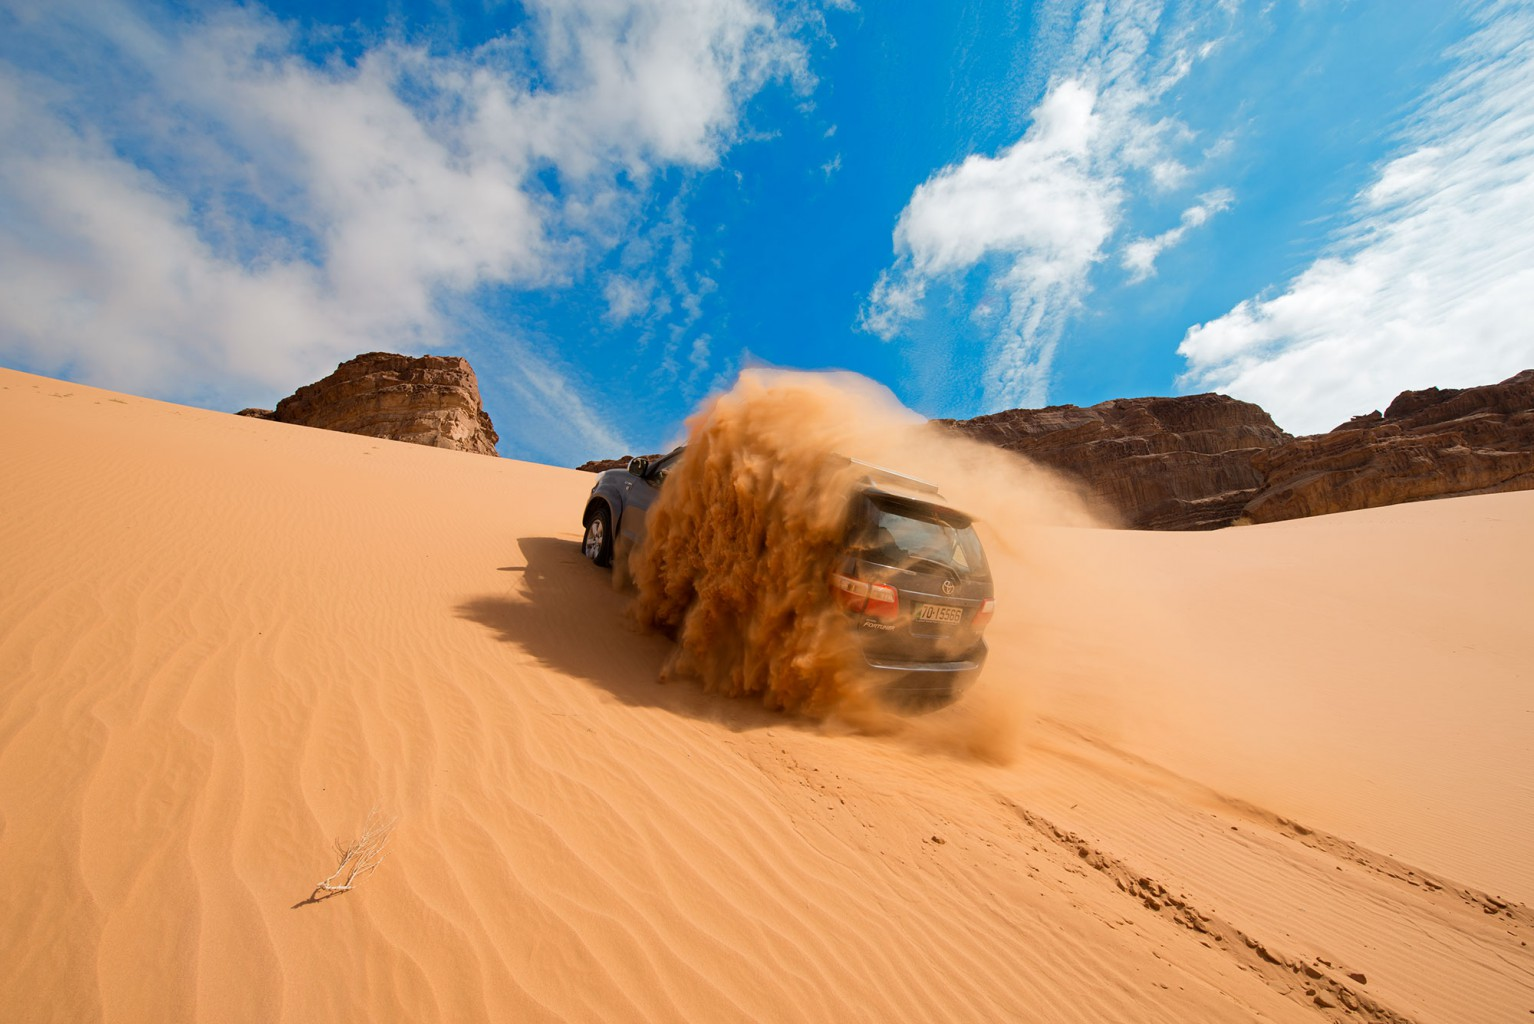 Wadi Rum 4 x 4 driving style